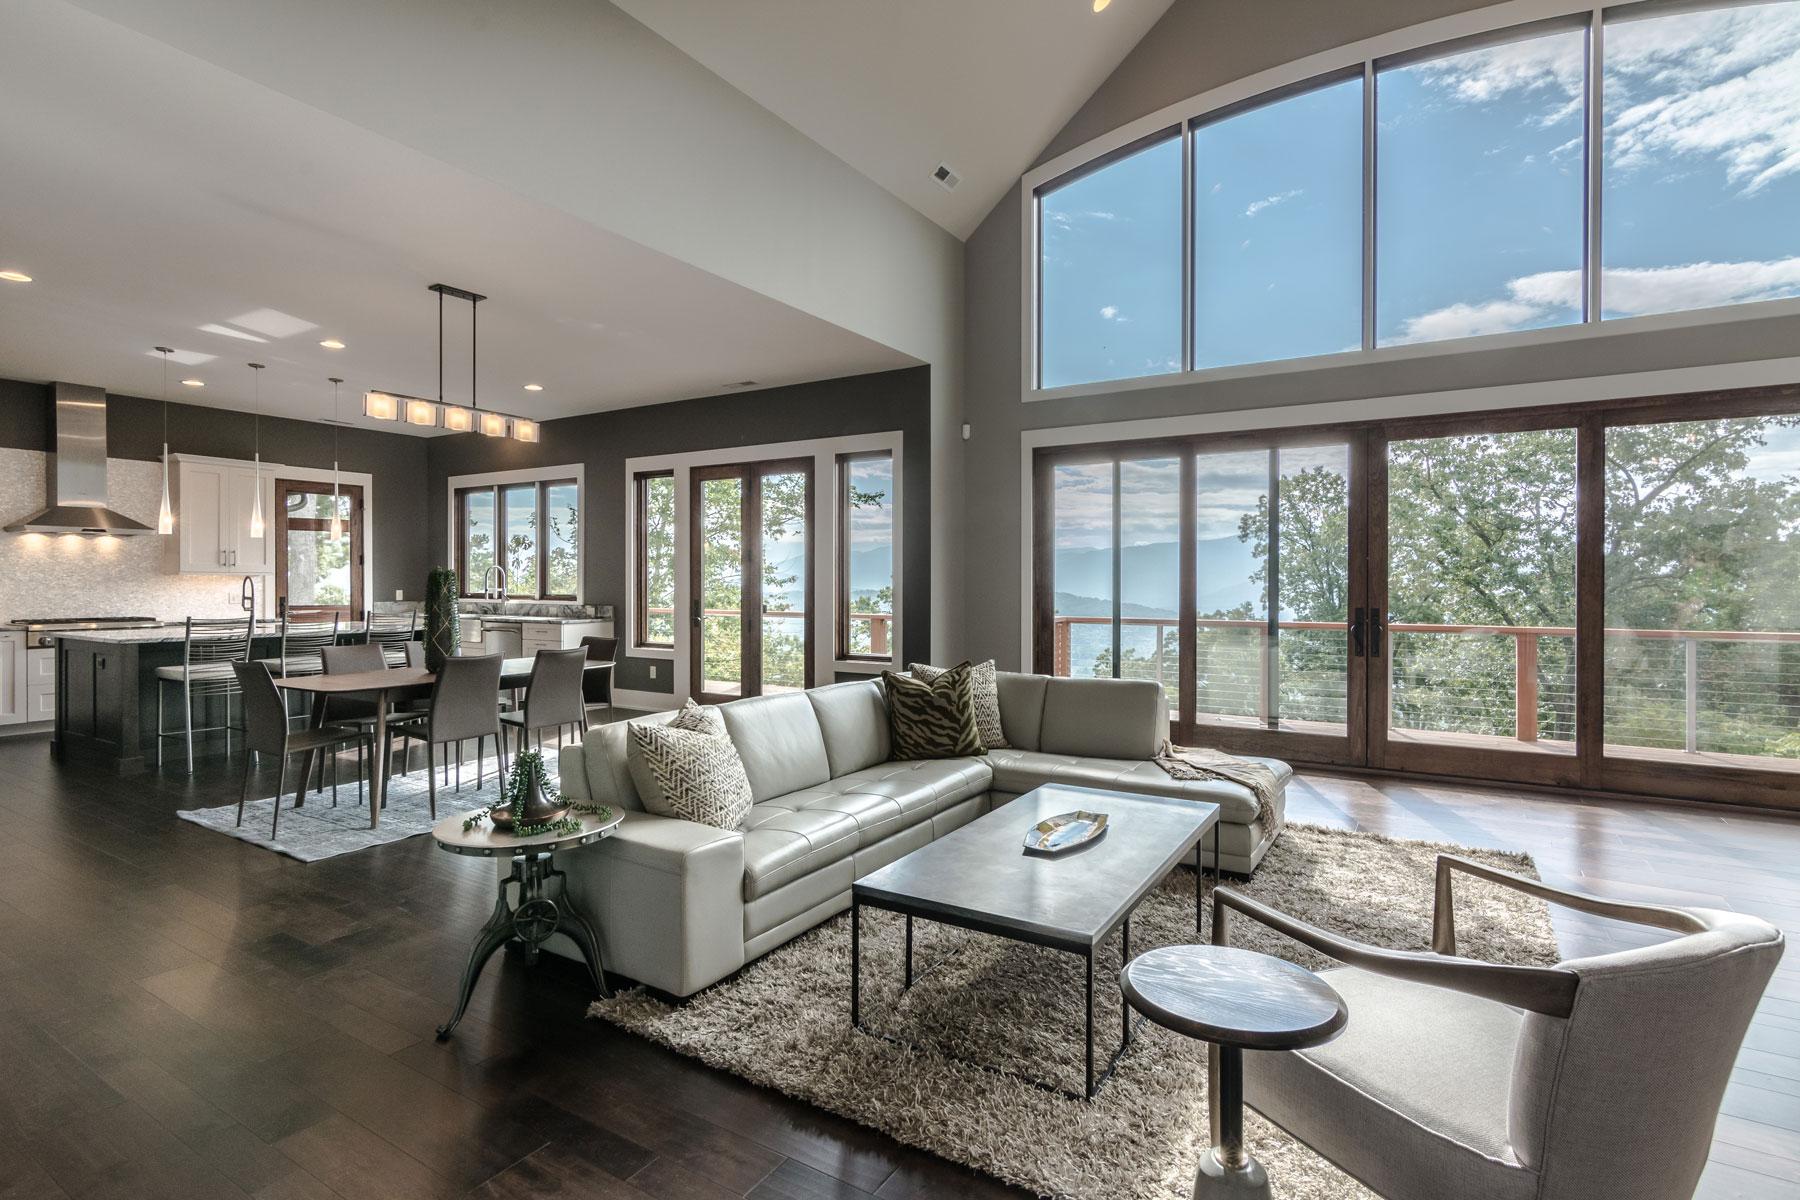 Asheville Modern Craftsman | ACM Design Architecture ... on Interior Modern House  id=59663